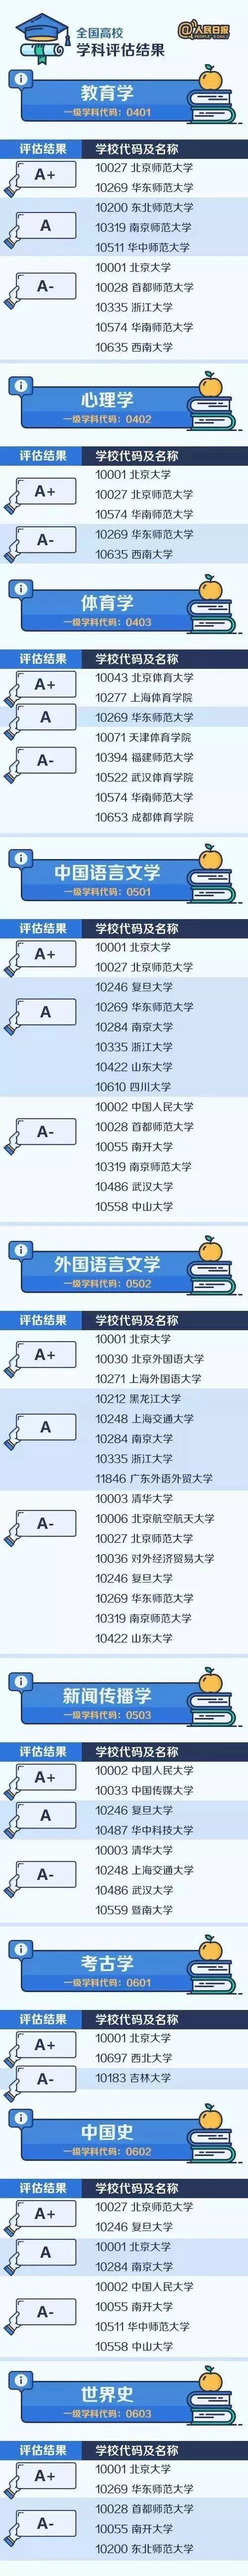 中国各大学最顶尖的学科名单